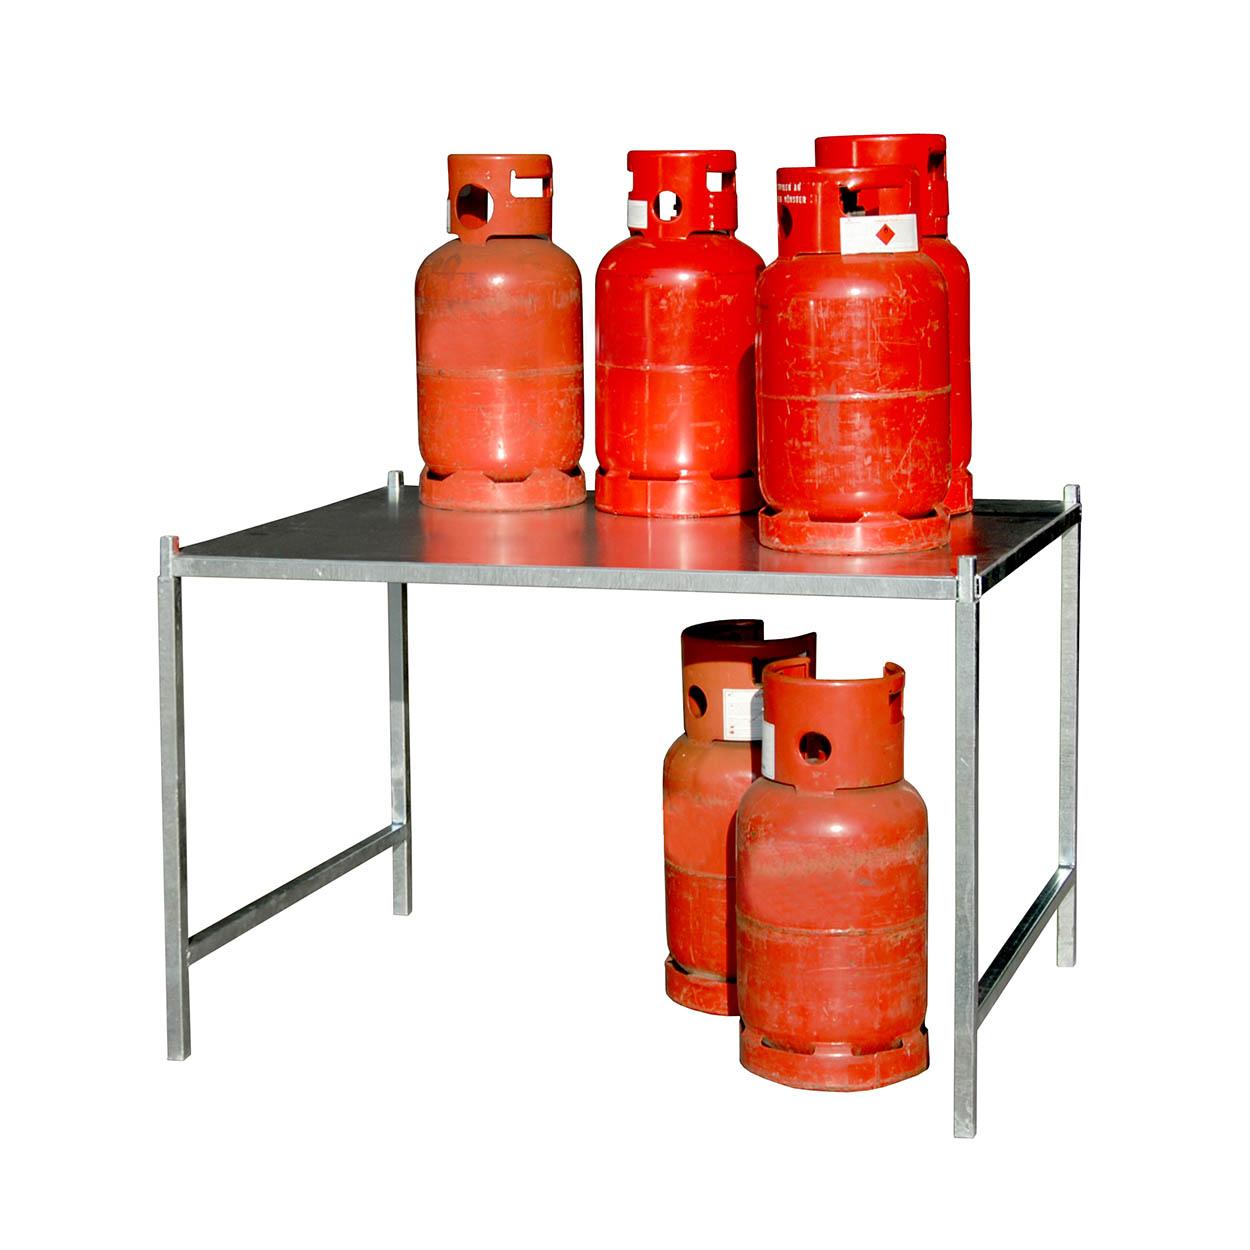 Regał do klatki do przechowywania butli gazowych